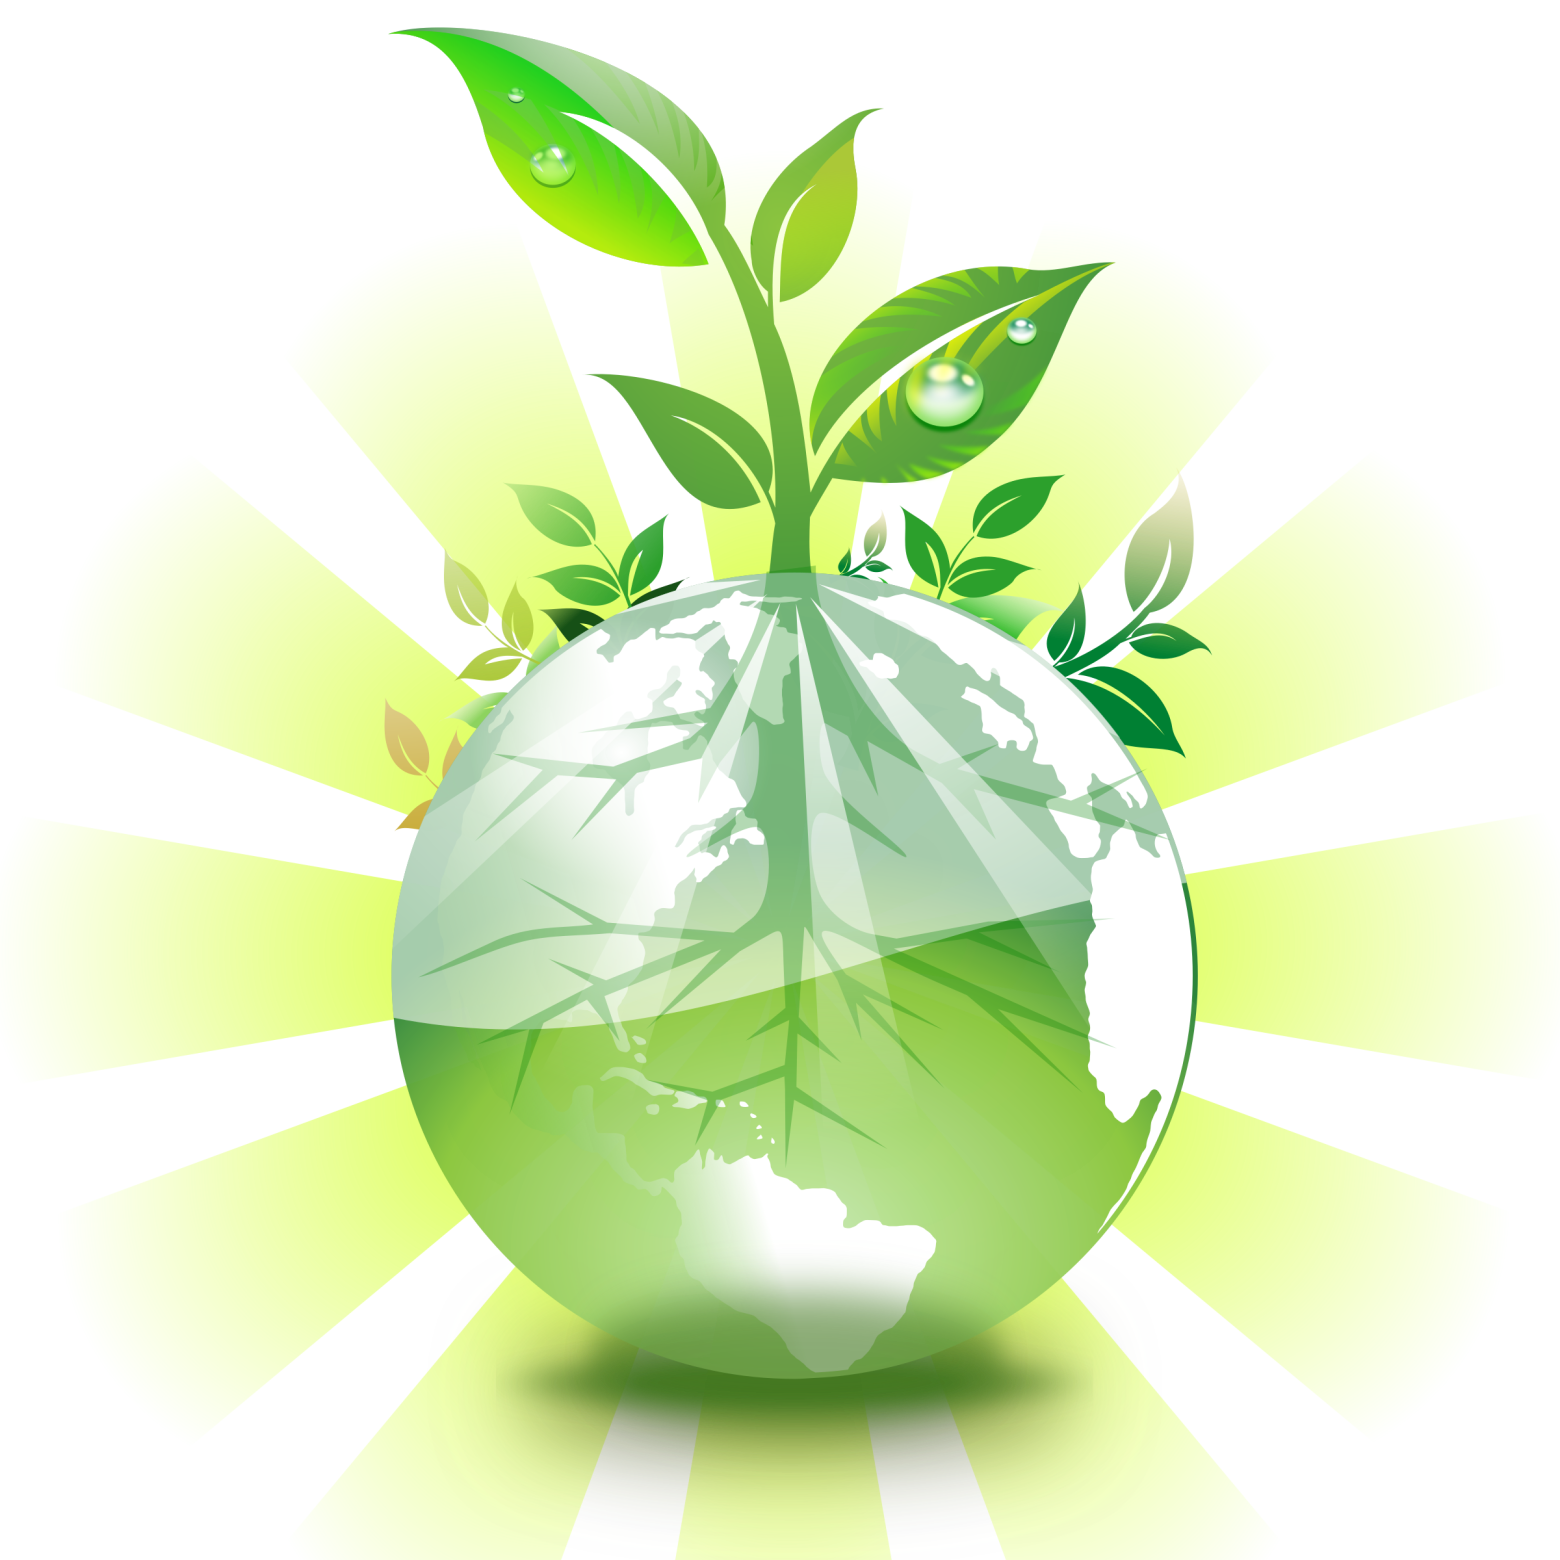 Environnement co cologie plan te terre logo symbole image gratuite images gratuites et - Image animaux gratuite ...